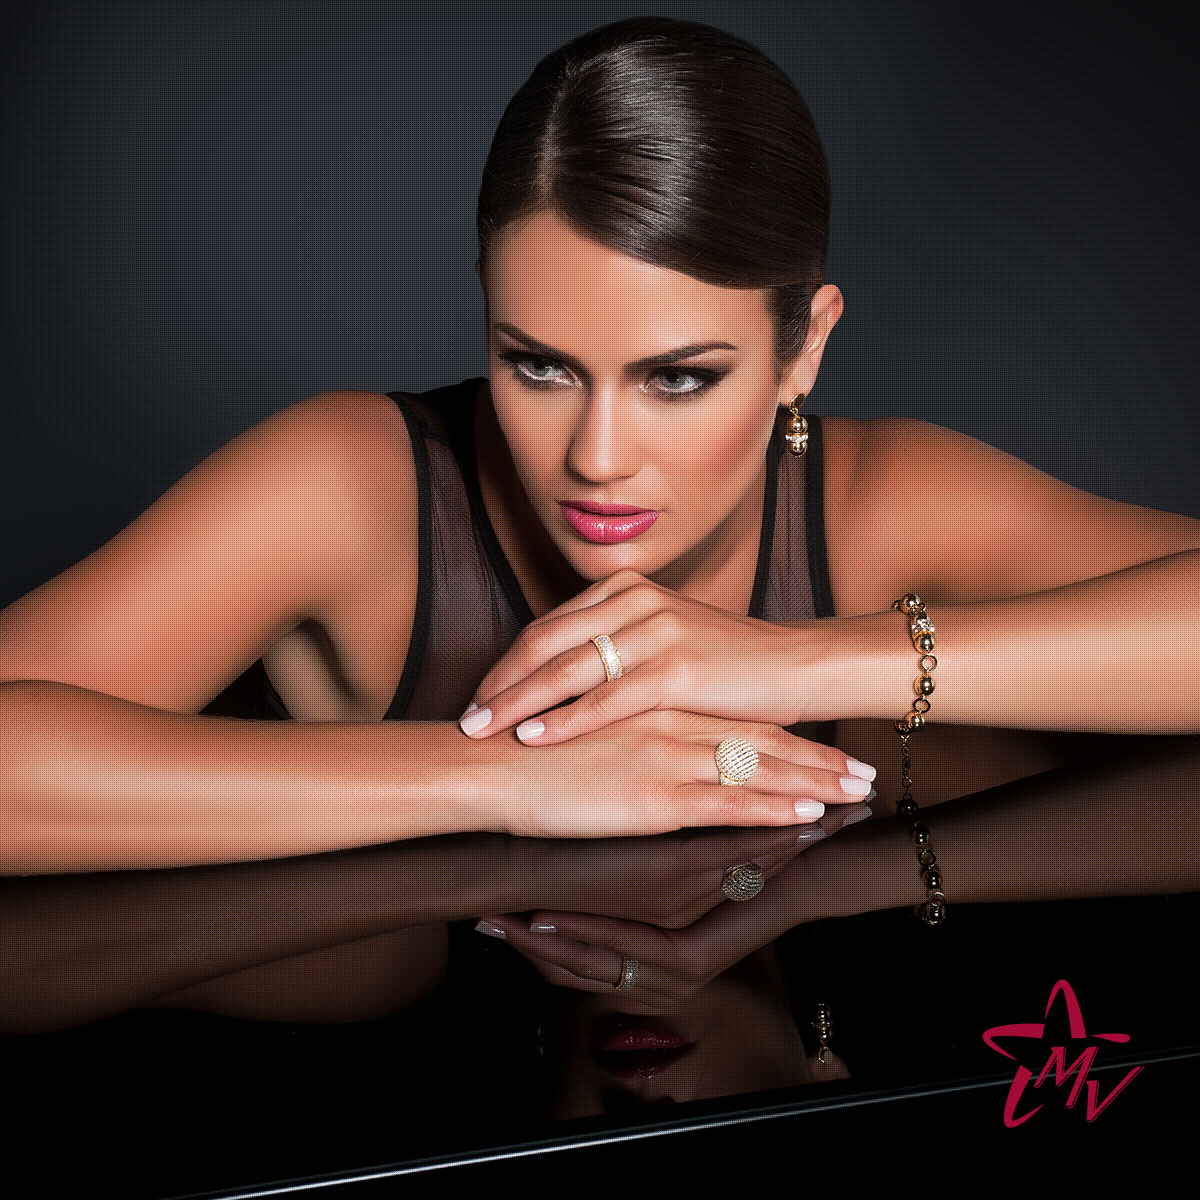 Mulheres glamourosas merecem o destaque!